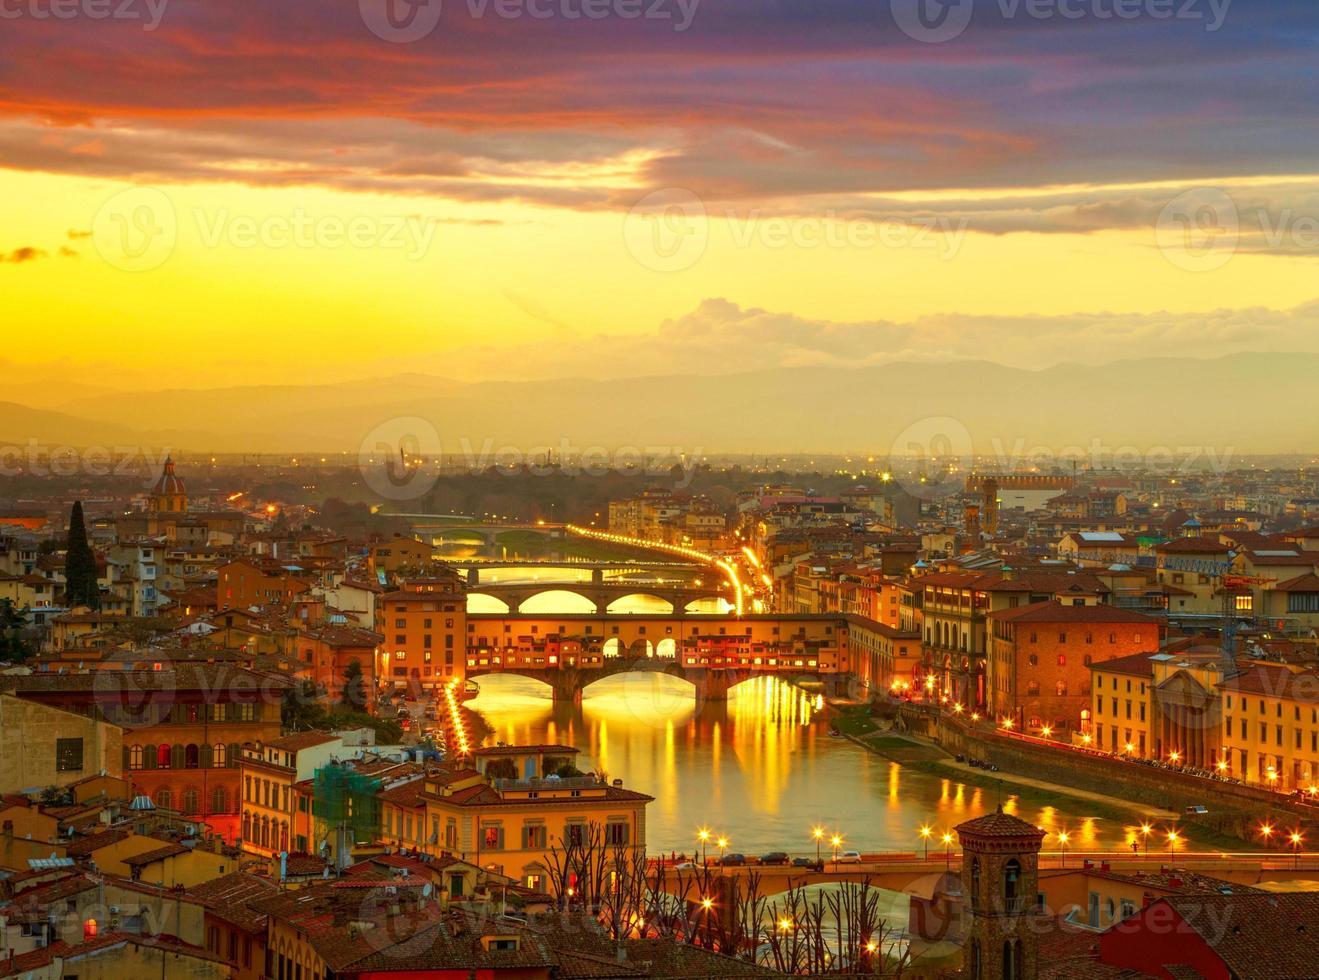 vista por do sol da ponte ponte vecchio. Florença, Itália foto